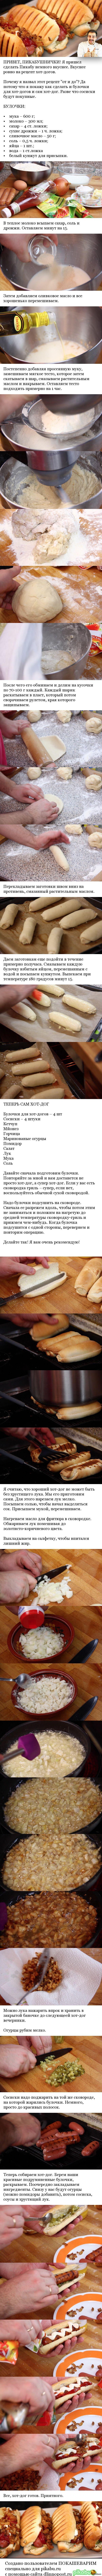 """Датский хот-дог """"от и до"""". Вкуснопост от Покашеварим. Повторяйте. Это вкусно. Ссылка на видео-версию рецепта будет в комментариях."""